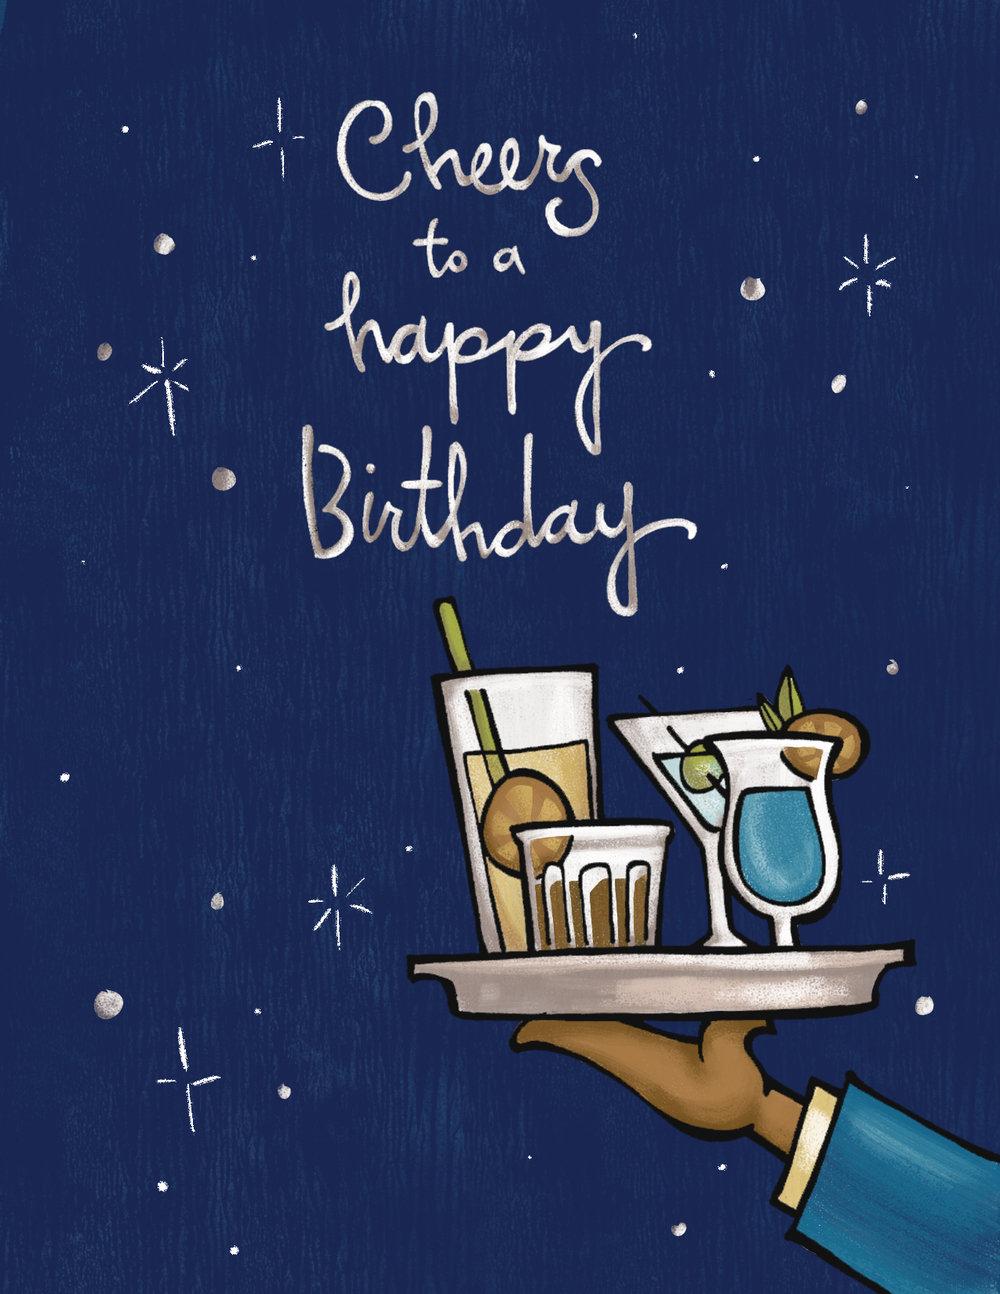 Cheers Birthday.jpg